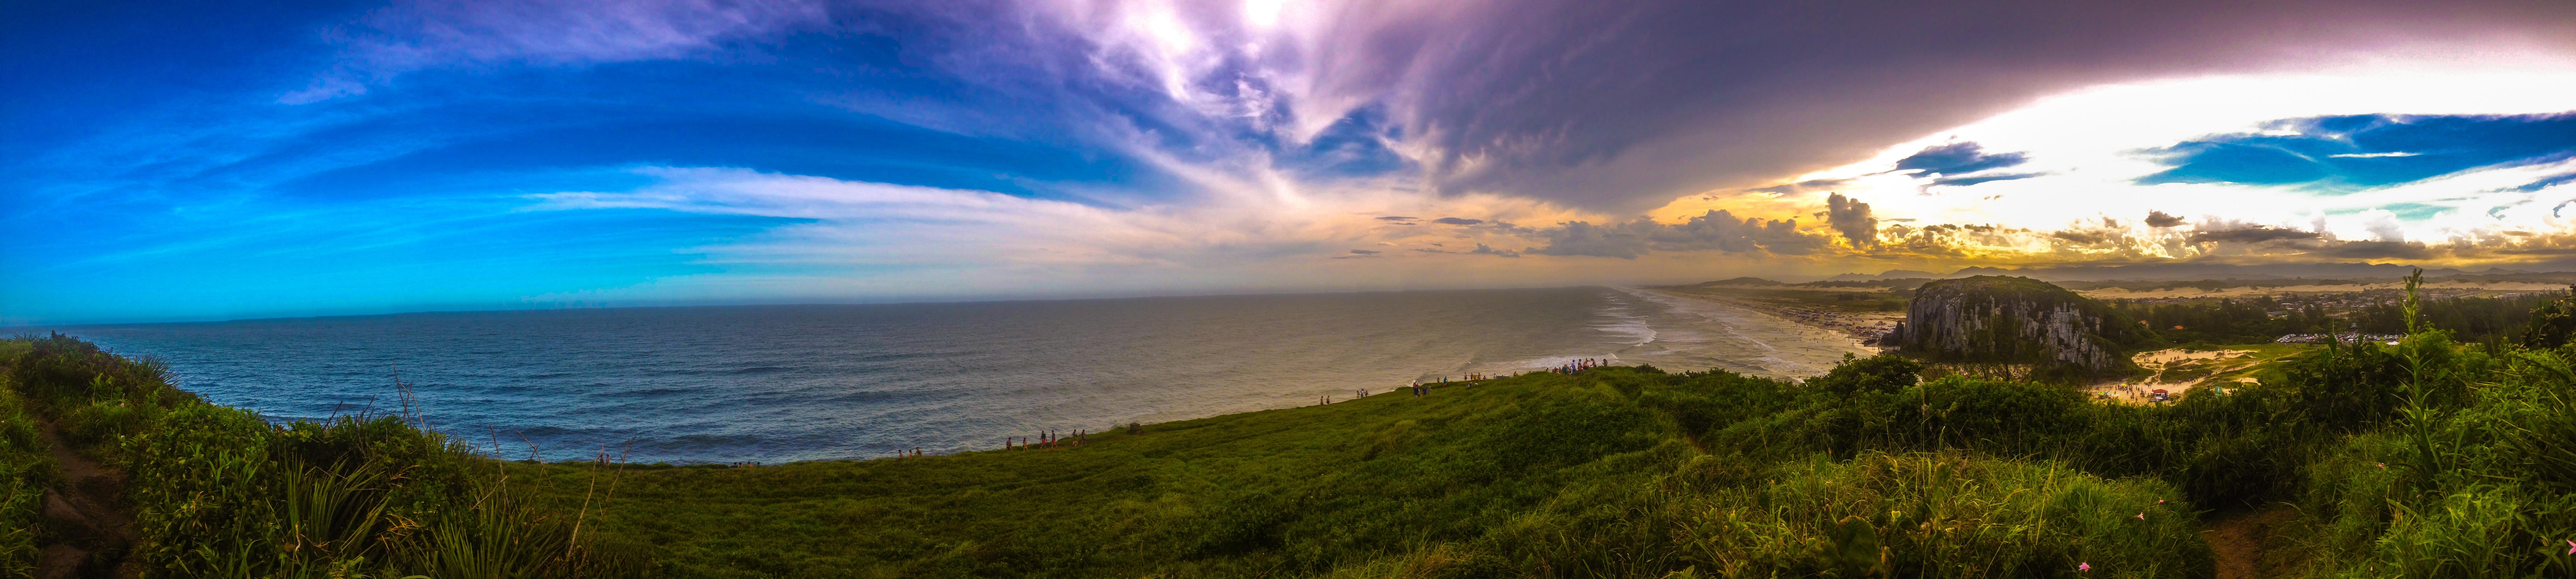 Gambar Pantai Horison Awan Suasana Panorama Medan Fajar